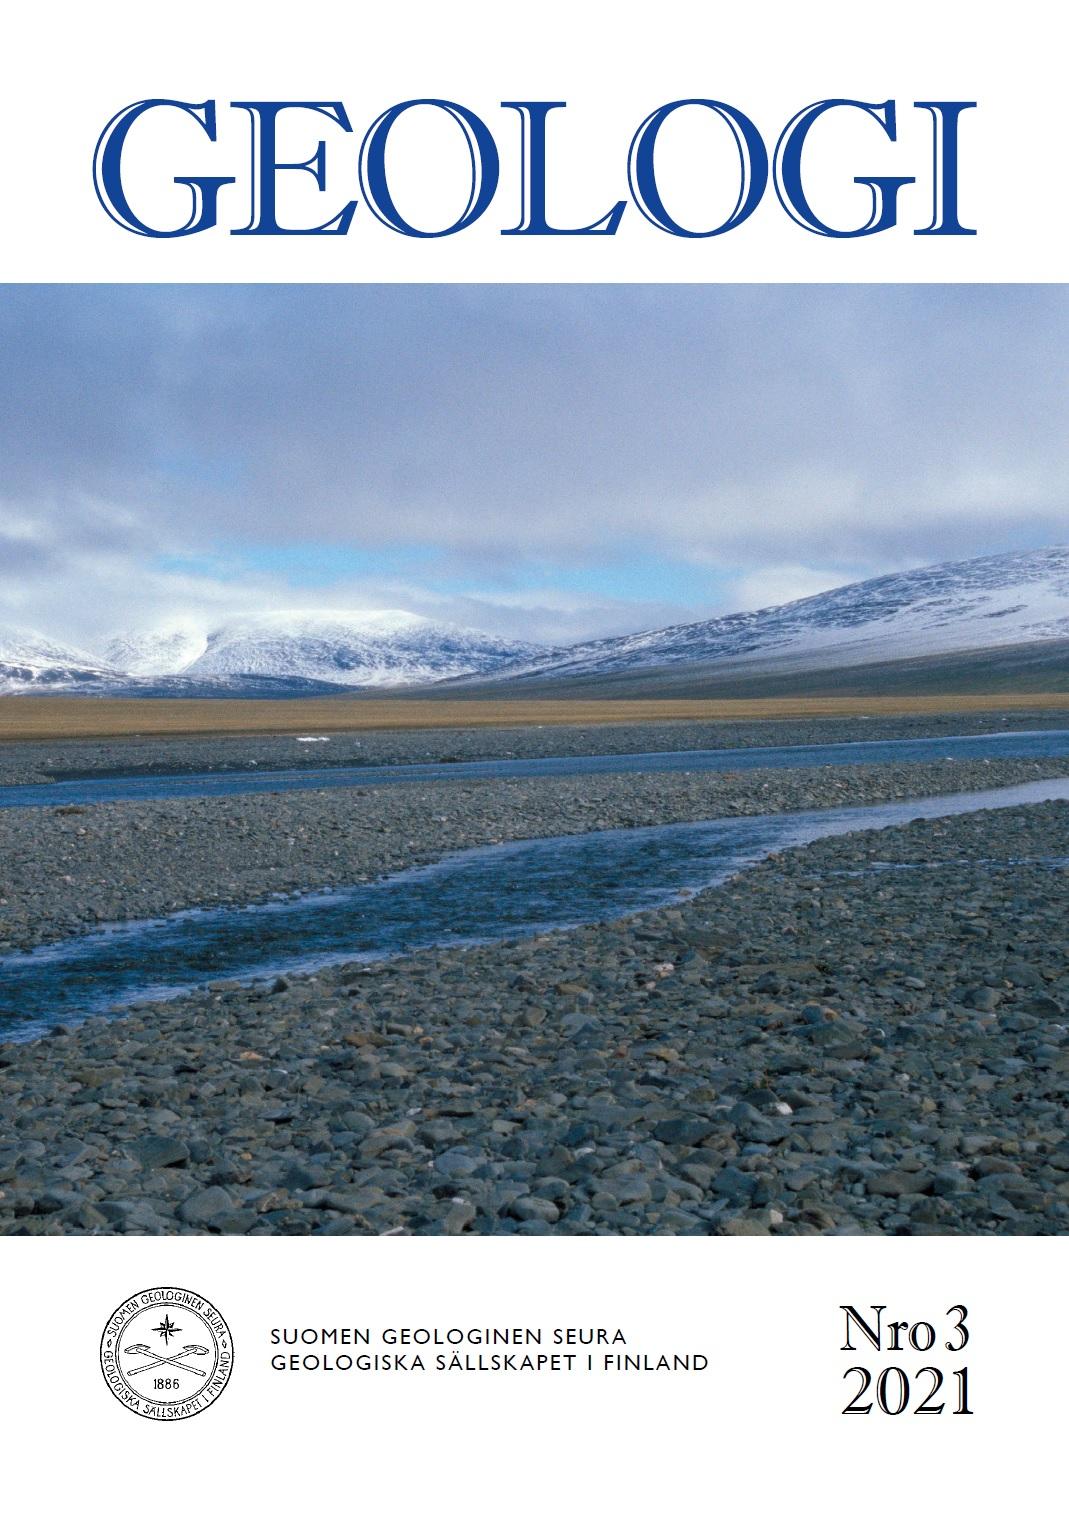 Neozhidannaja-joki mutkittelee Wrangelinsaaren tundralla, missä viimeiset mammutit elivät. Kuva © Juha Karhu.